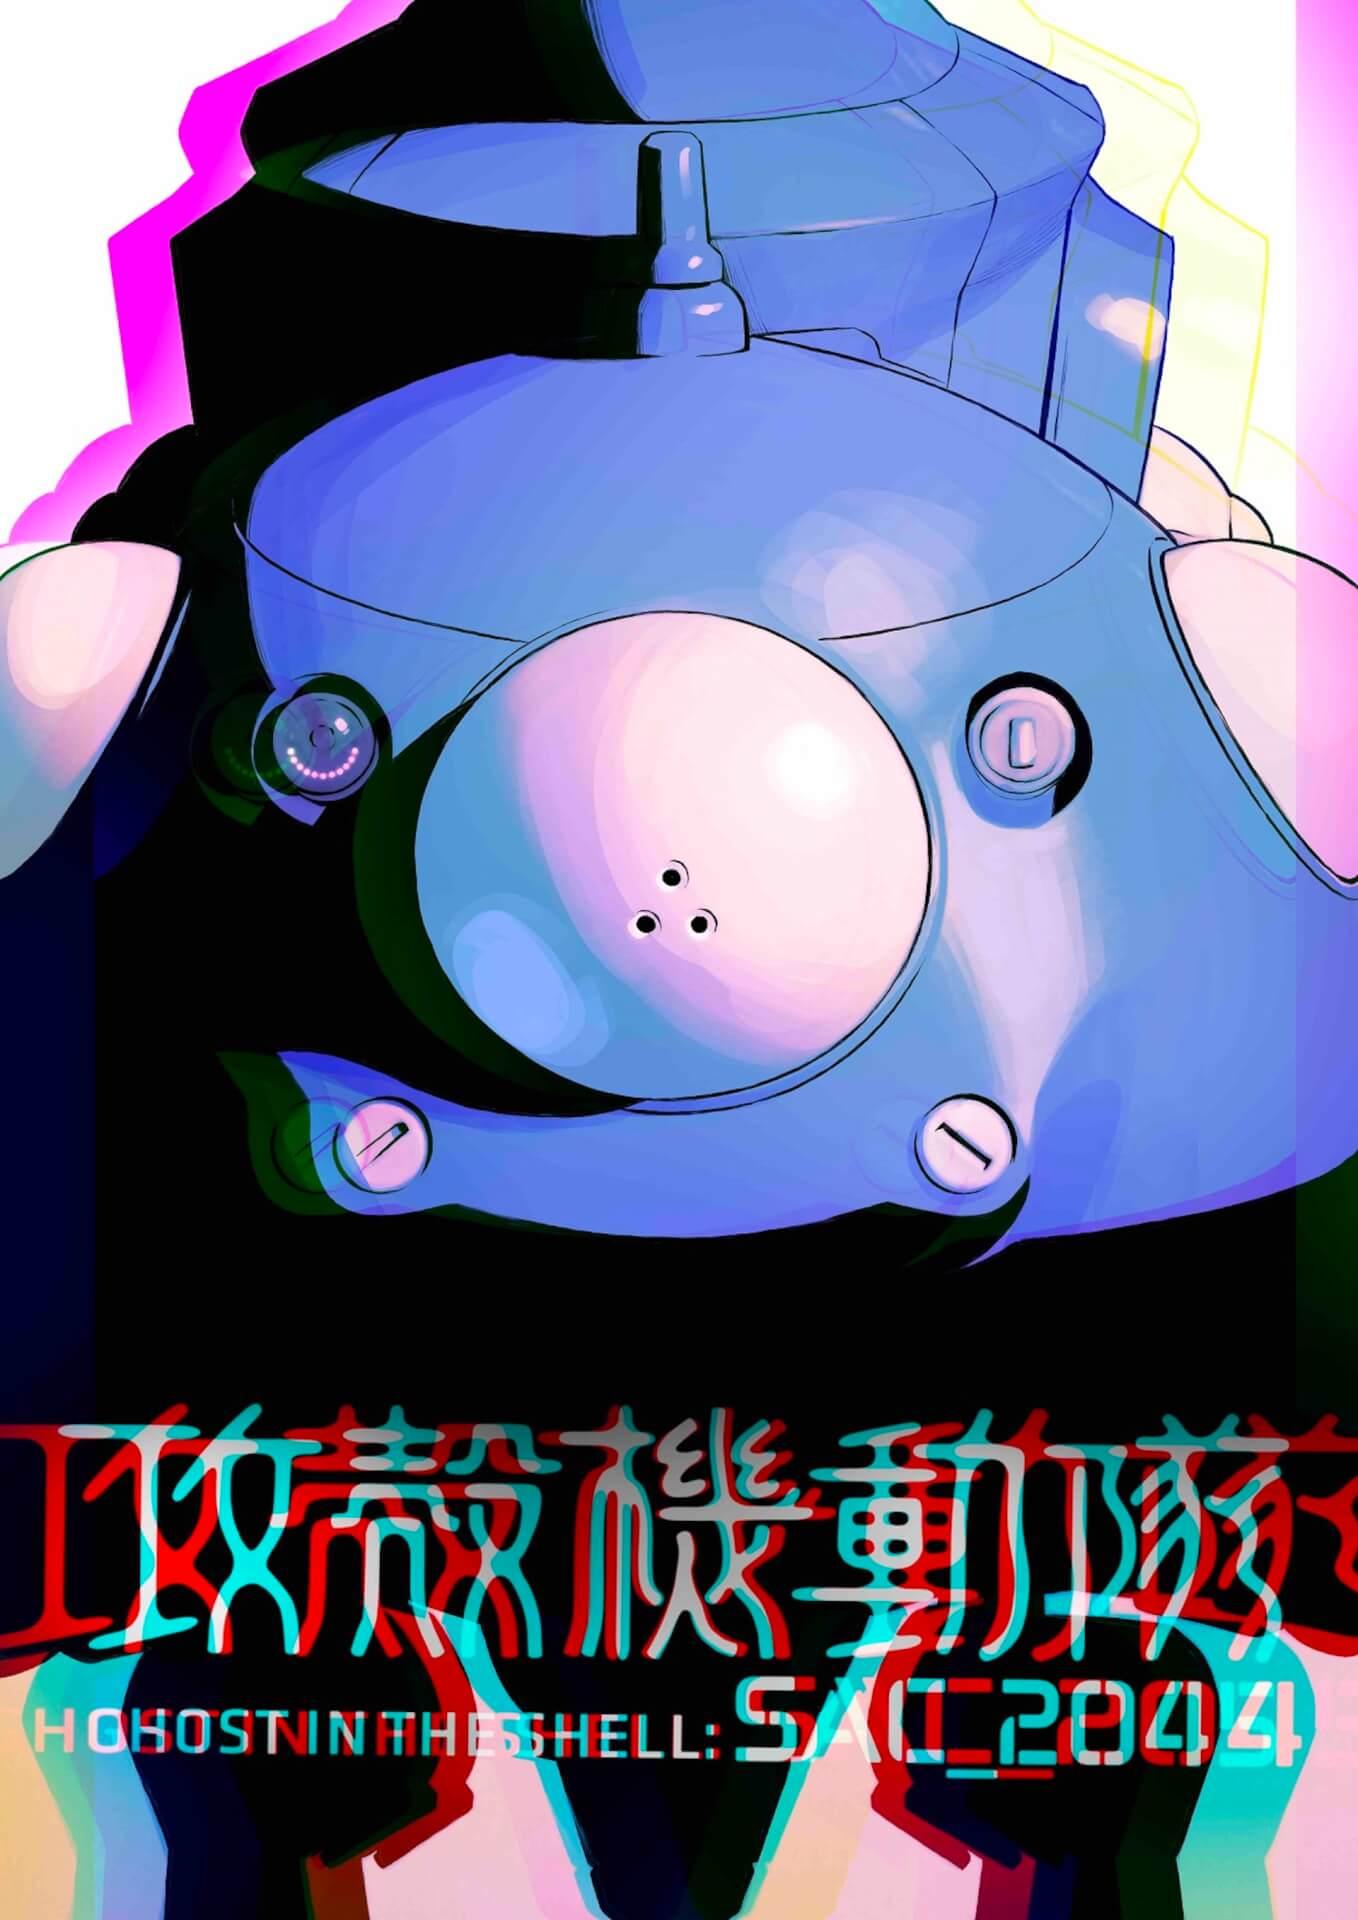 素子、バトー、トグサらの他に謎のキャラクターも...?Netflix『攻殻機動隊 SAC_2045』のキャラクターデザインが一挙解禁! art200418_ghostintheshell_6